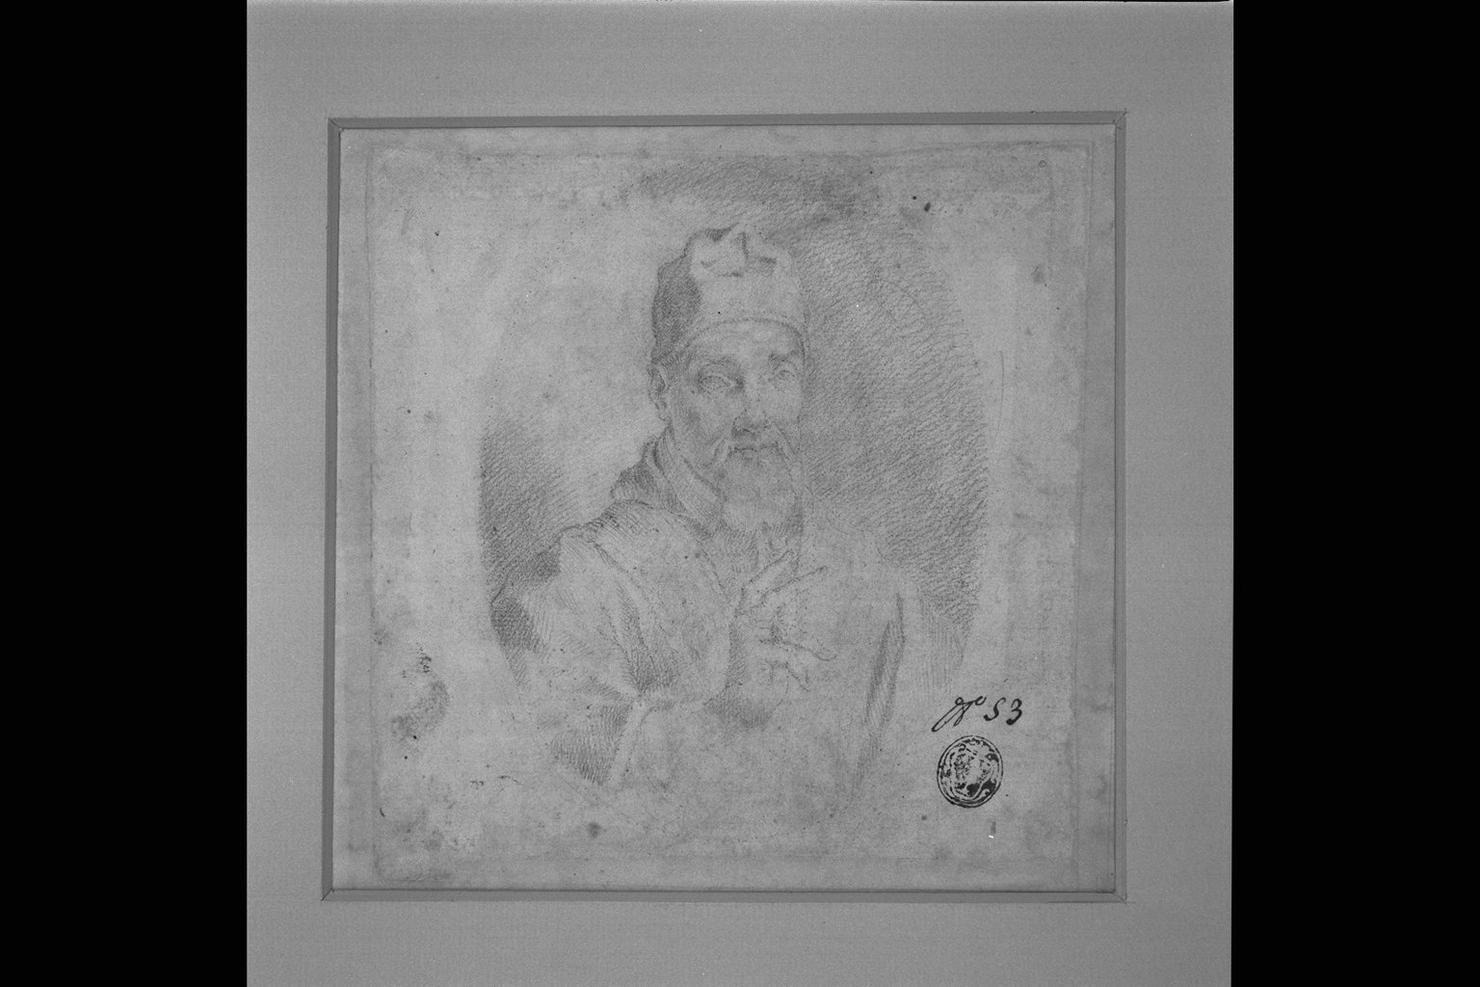 ritratto di papa Urbano VIII (disegno) di Abbatini Guido Ubaldo (sec. XVII)